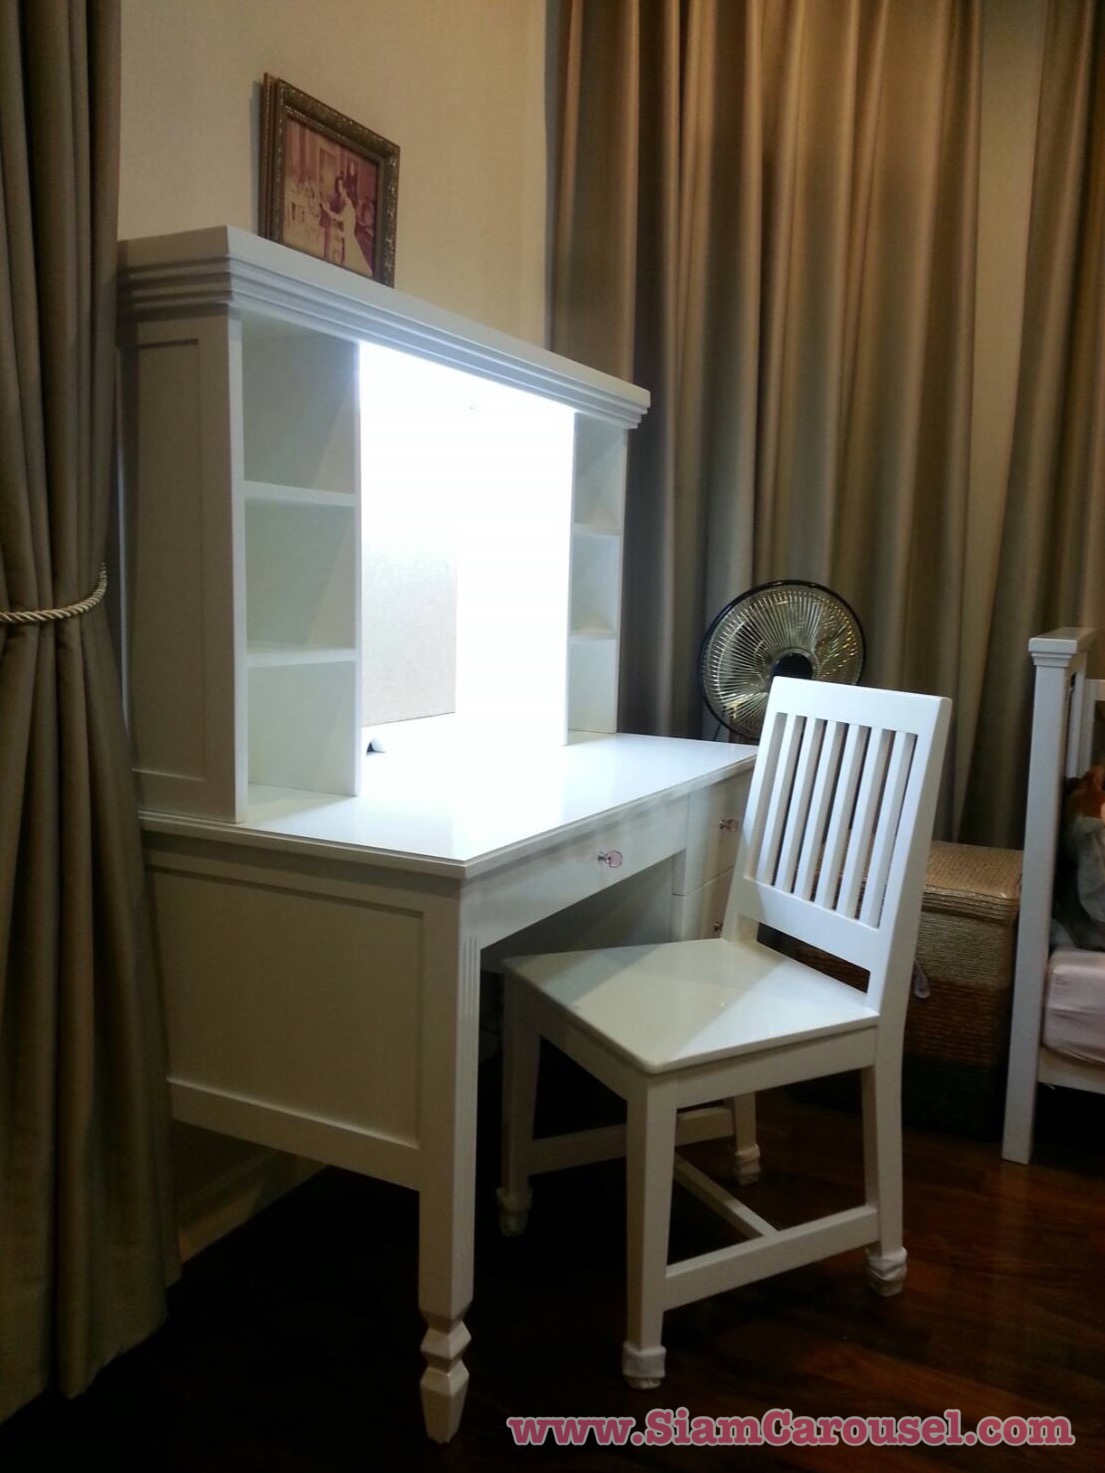 โต๊ะเขียนหนังสือ กับชั้นอเนกประสงค์+เก้าอี้ ของคุณน้ำเย็น หมู่บ้านบางกอกบูเลอวาร์ด รามอินทรา